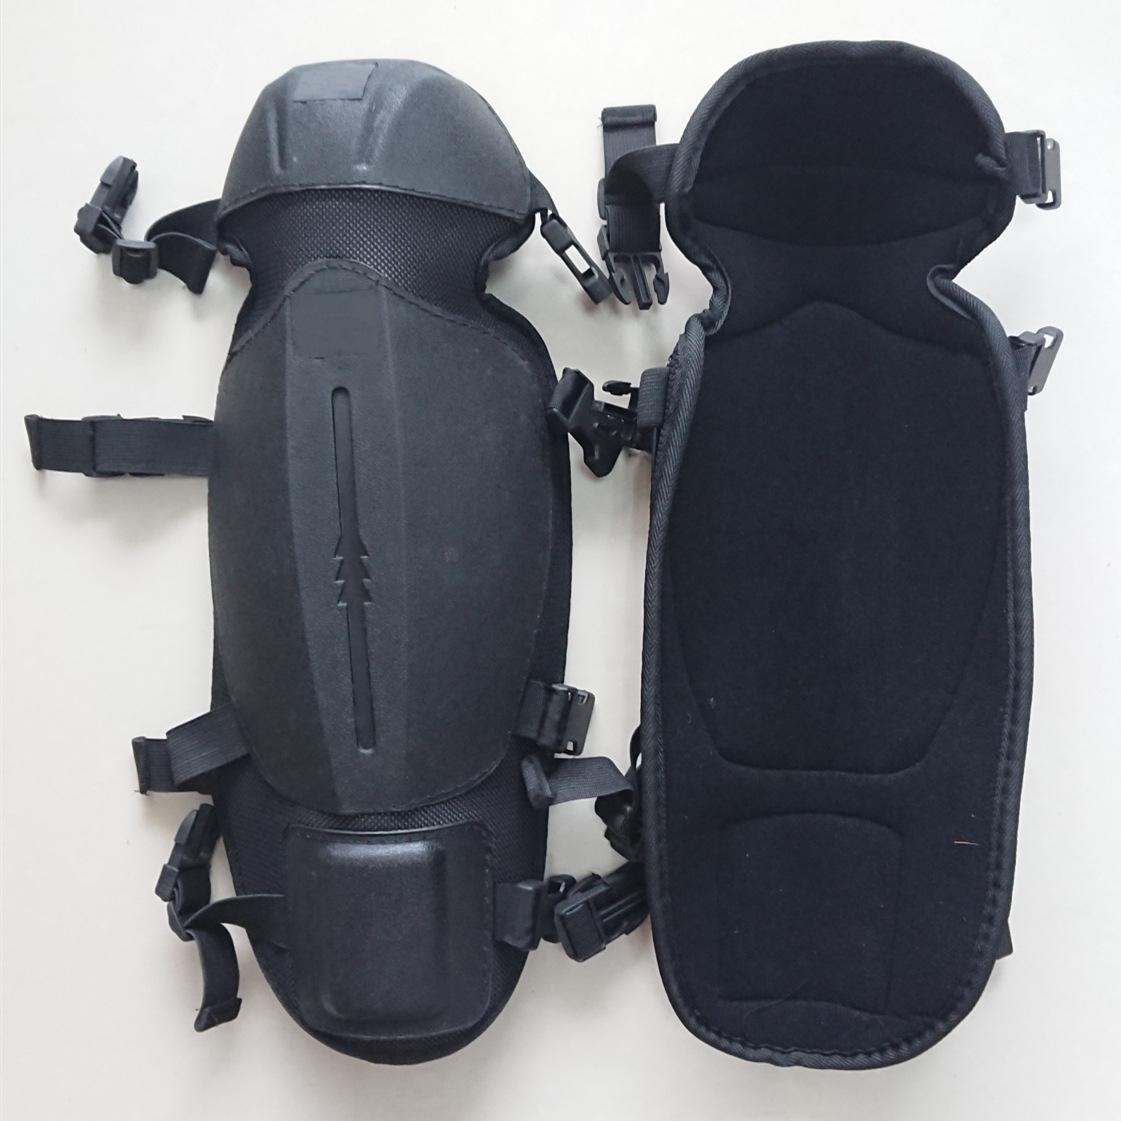 护膝,护具,护腿,防护用具 2